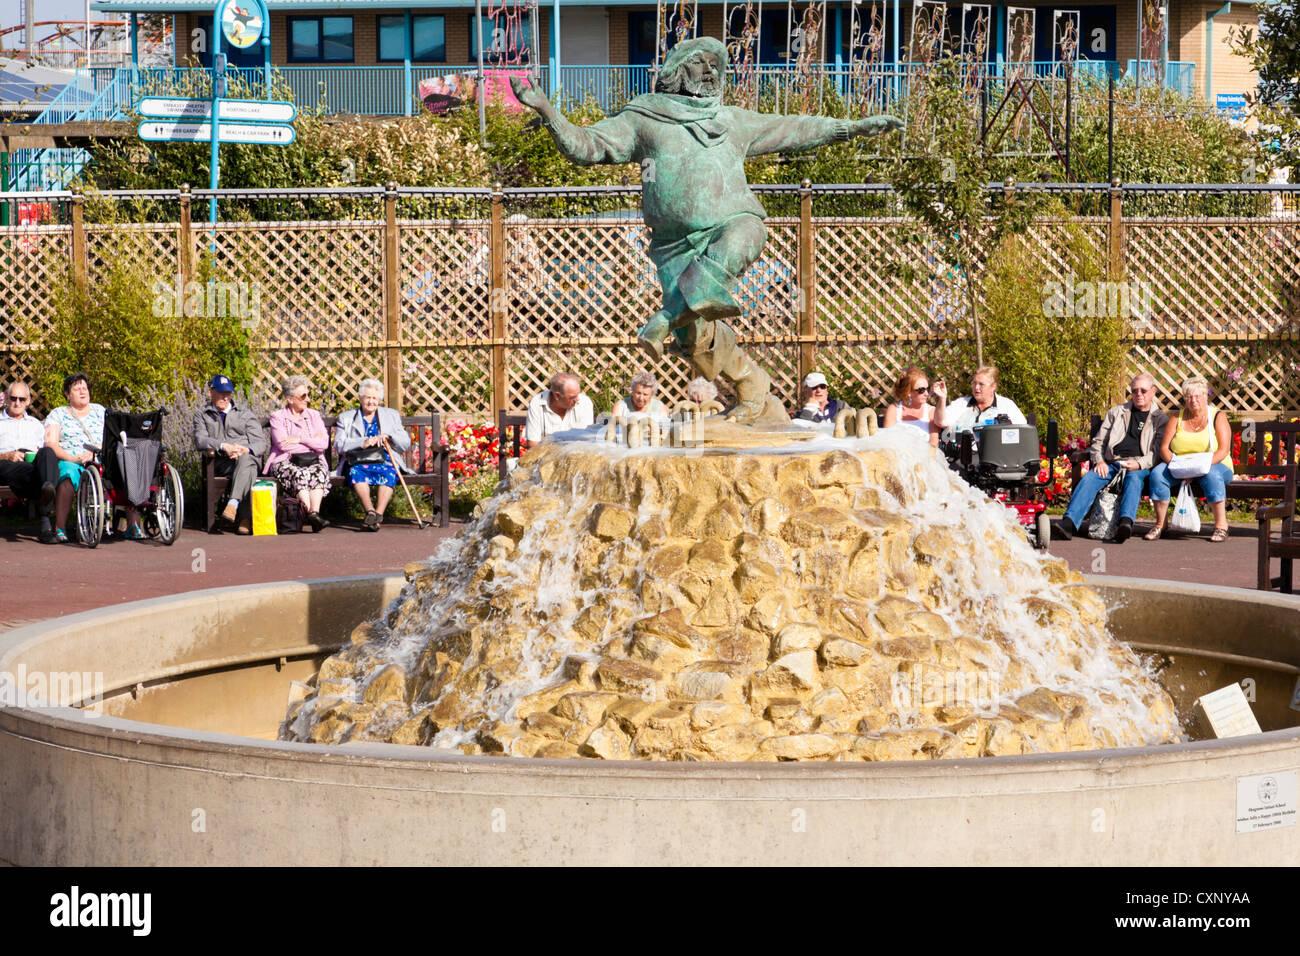 La gente sentada alrededor de vacaciones el Jolly pescador escultura en Skegness, Lincolnshire, Inglaterra, Reino Imagen De Stock